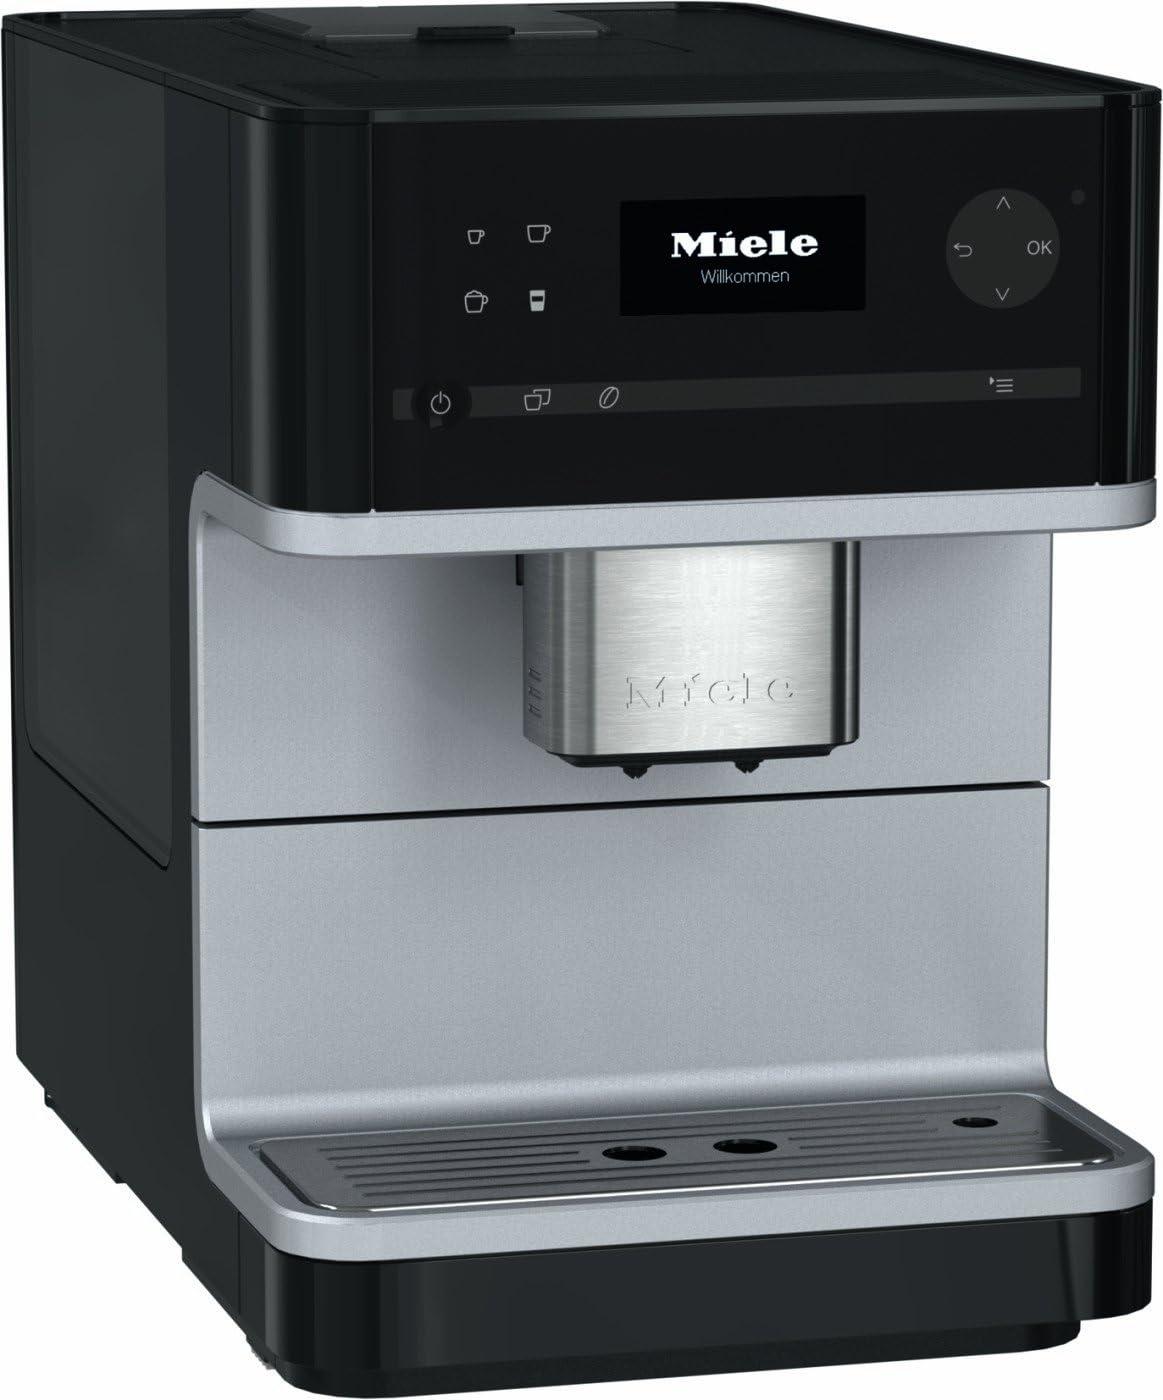 Miele Cm6100 Freestanding Bean To Cup Coffee Machine 18 Litre 1500 Watt 15 Bar Obsidian Black